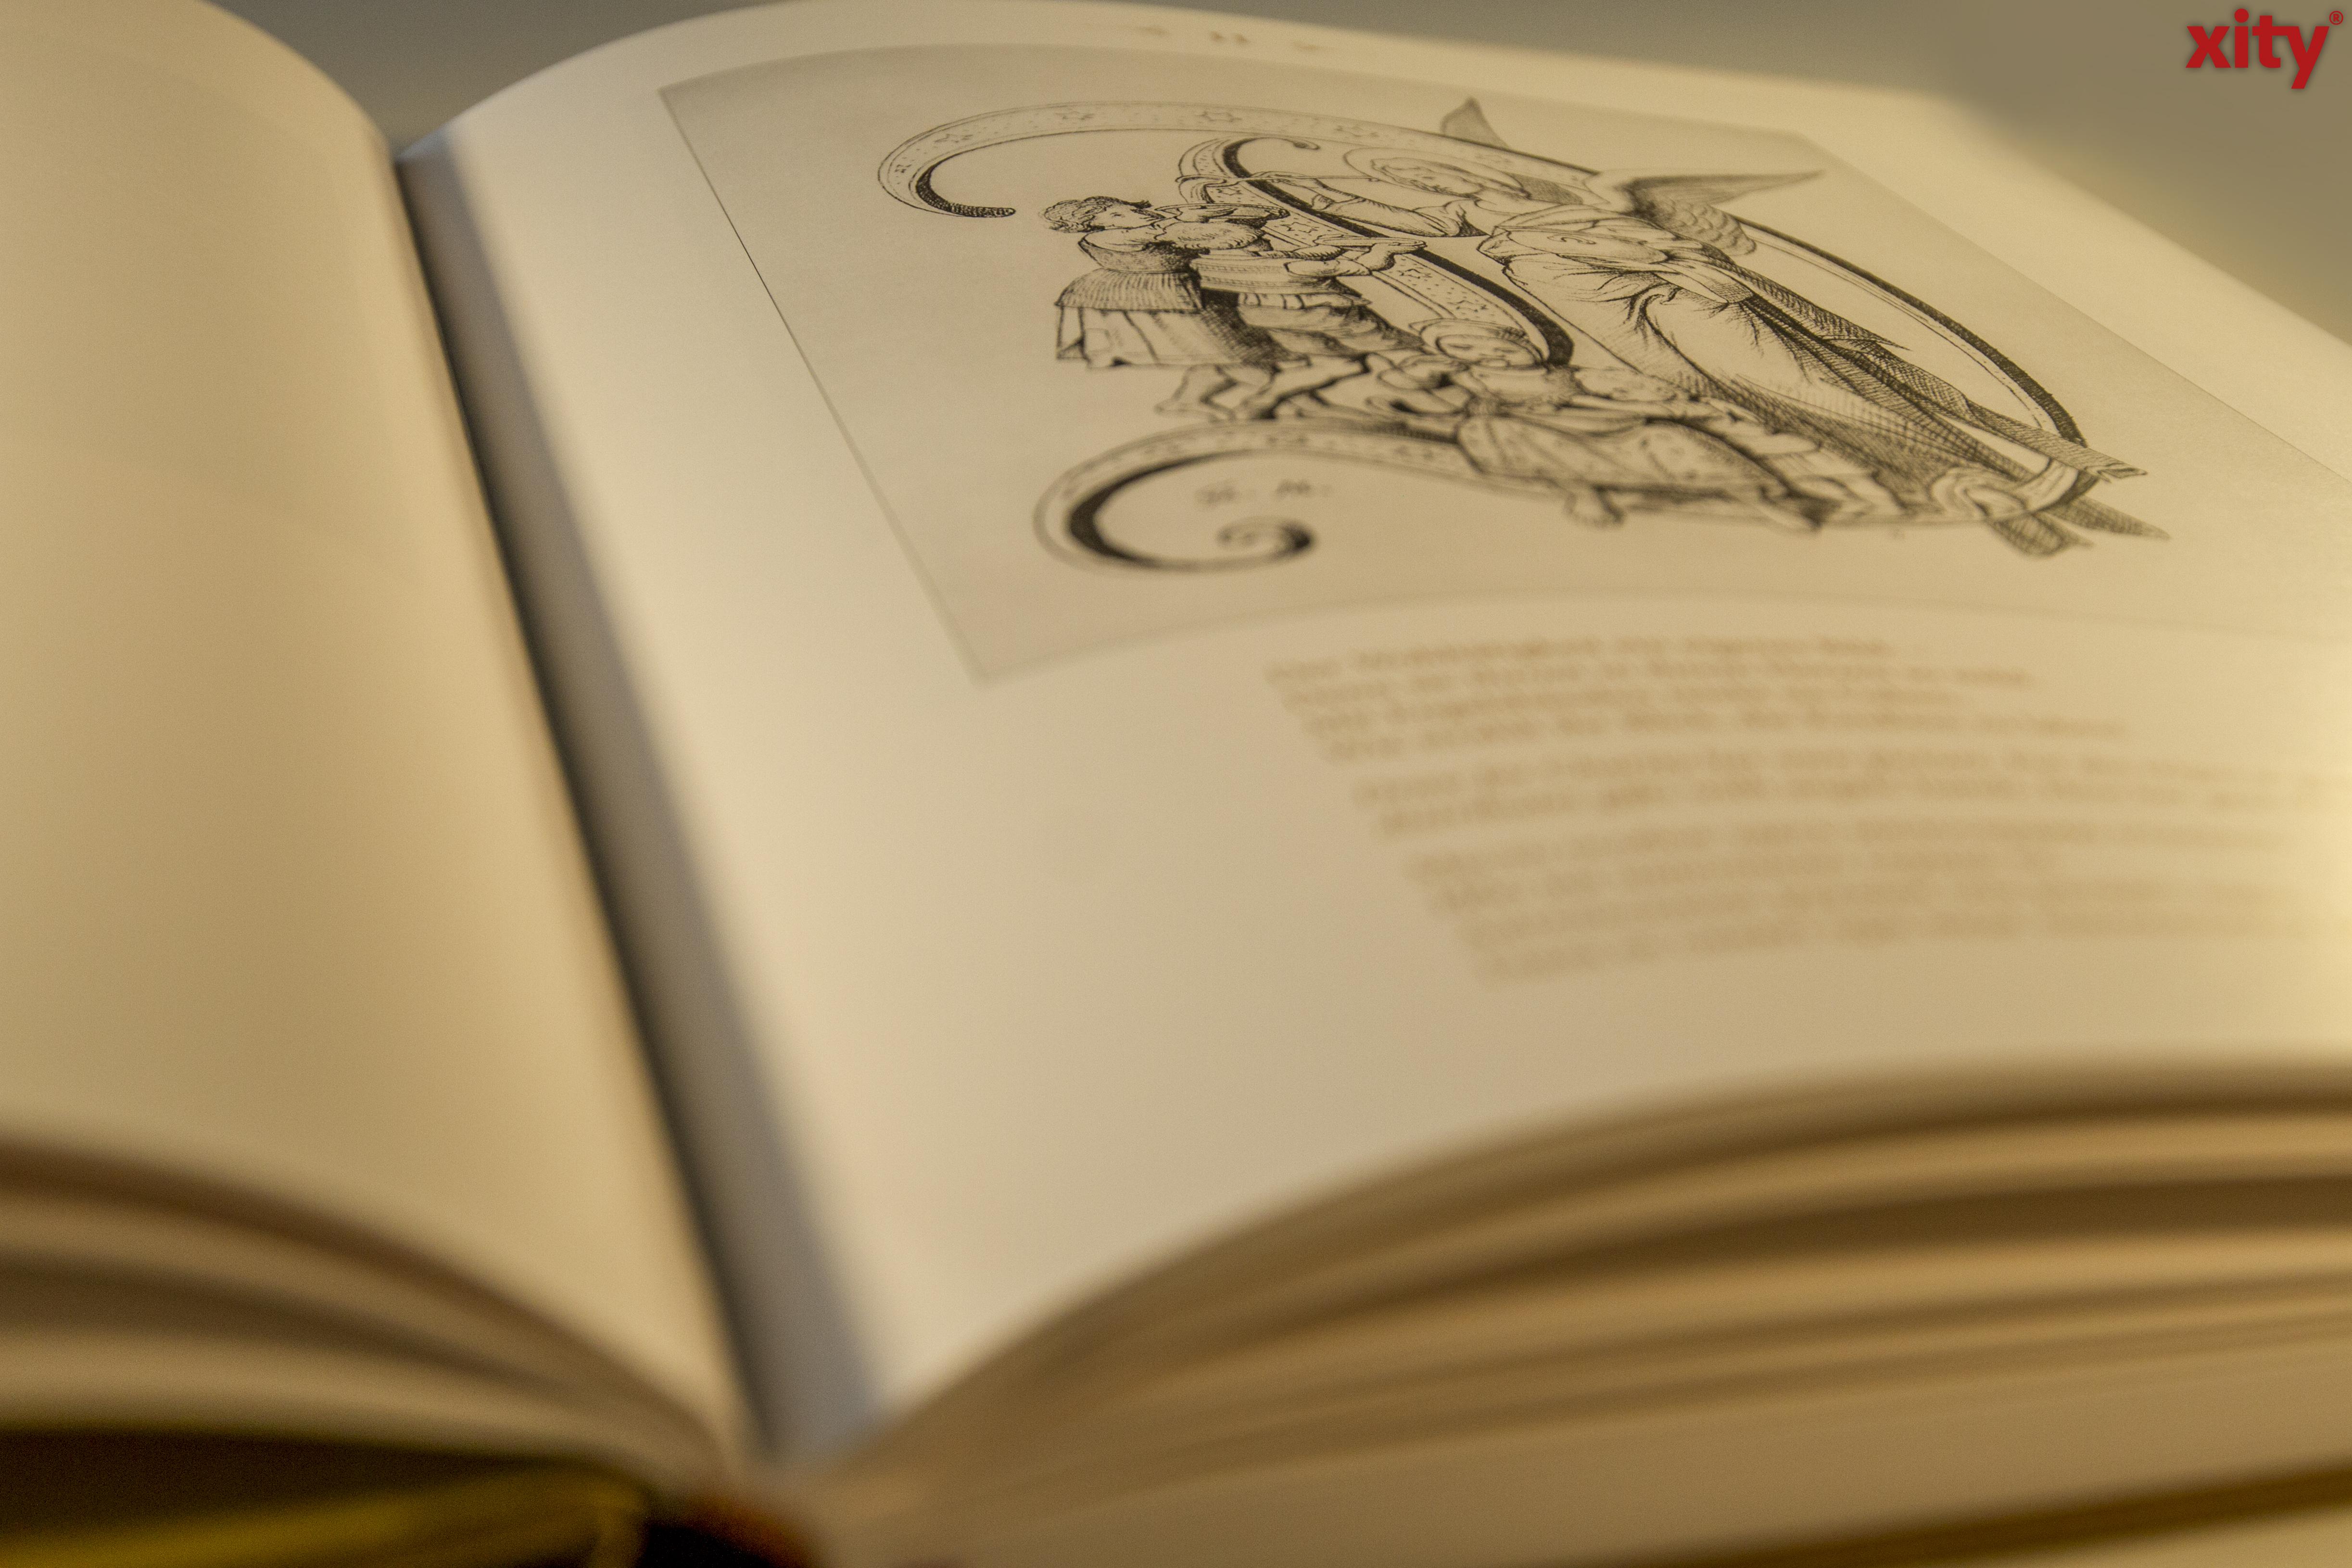 Anlässlich des 200. Geburtstags des Künstlers Theodor Mintrop veröffentlicht Angelika Mintrop-Aengevelt die Neuauflage im Droste Verlag (Foto: xity)